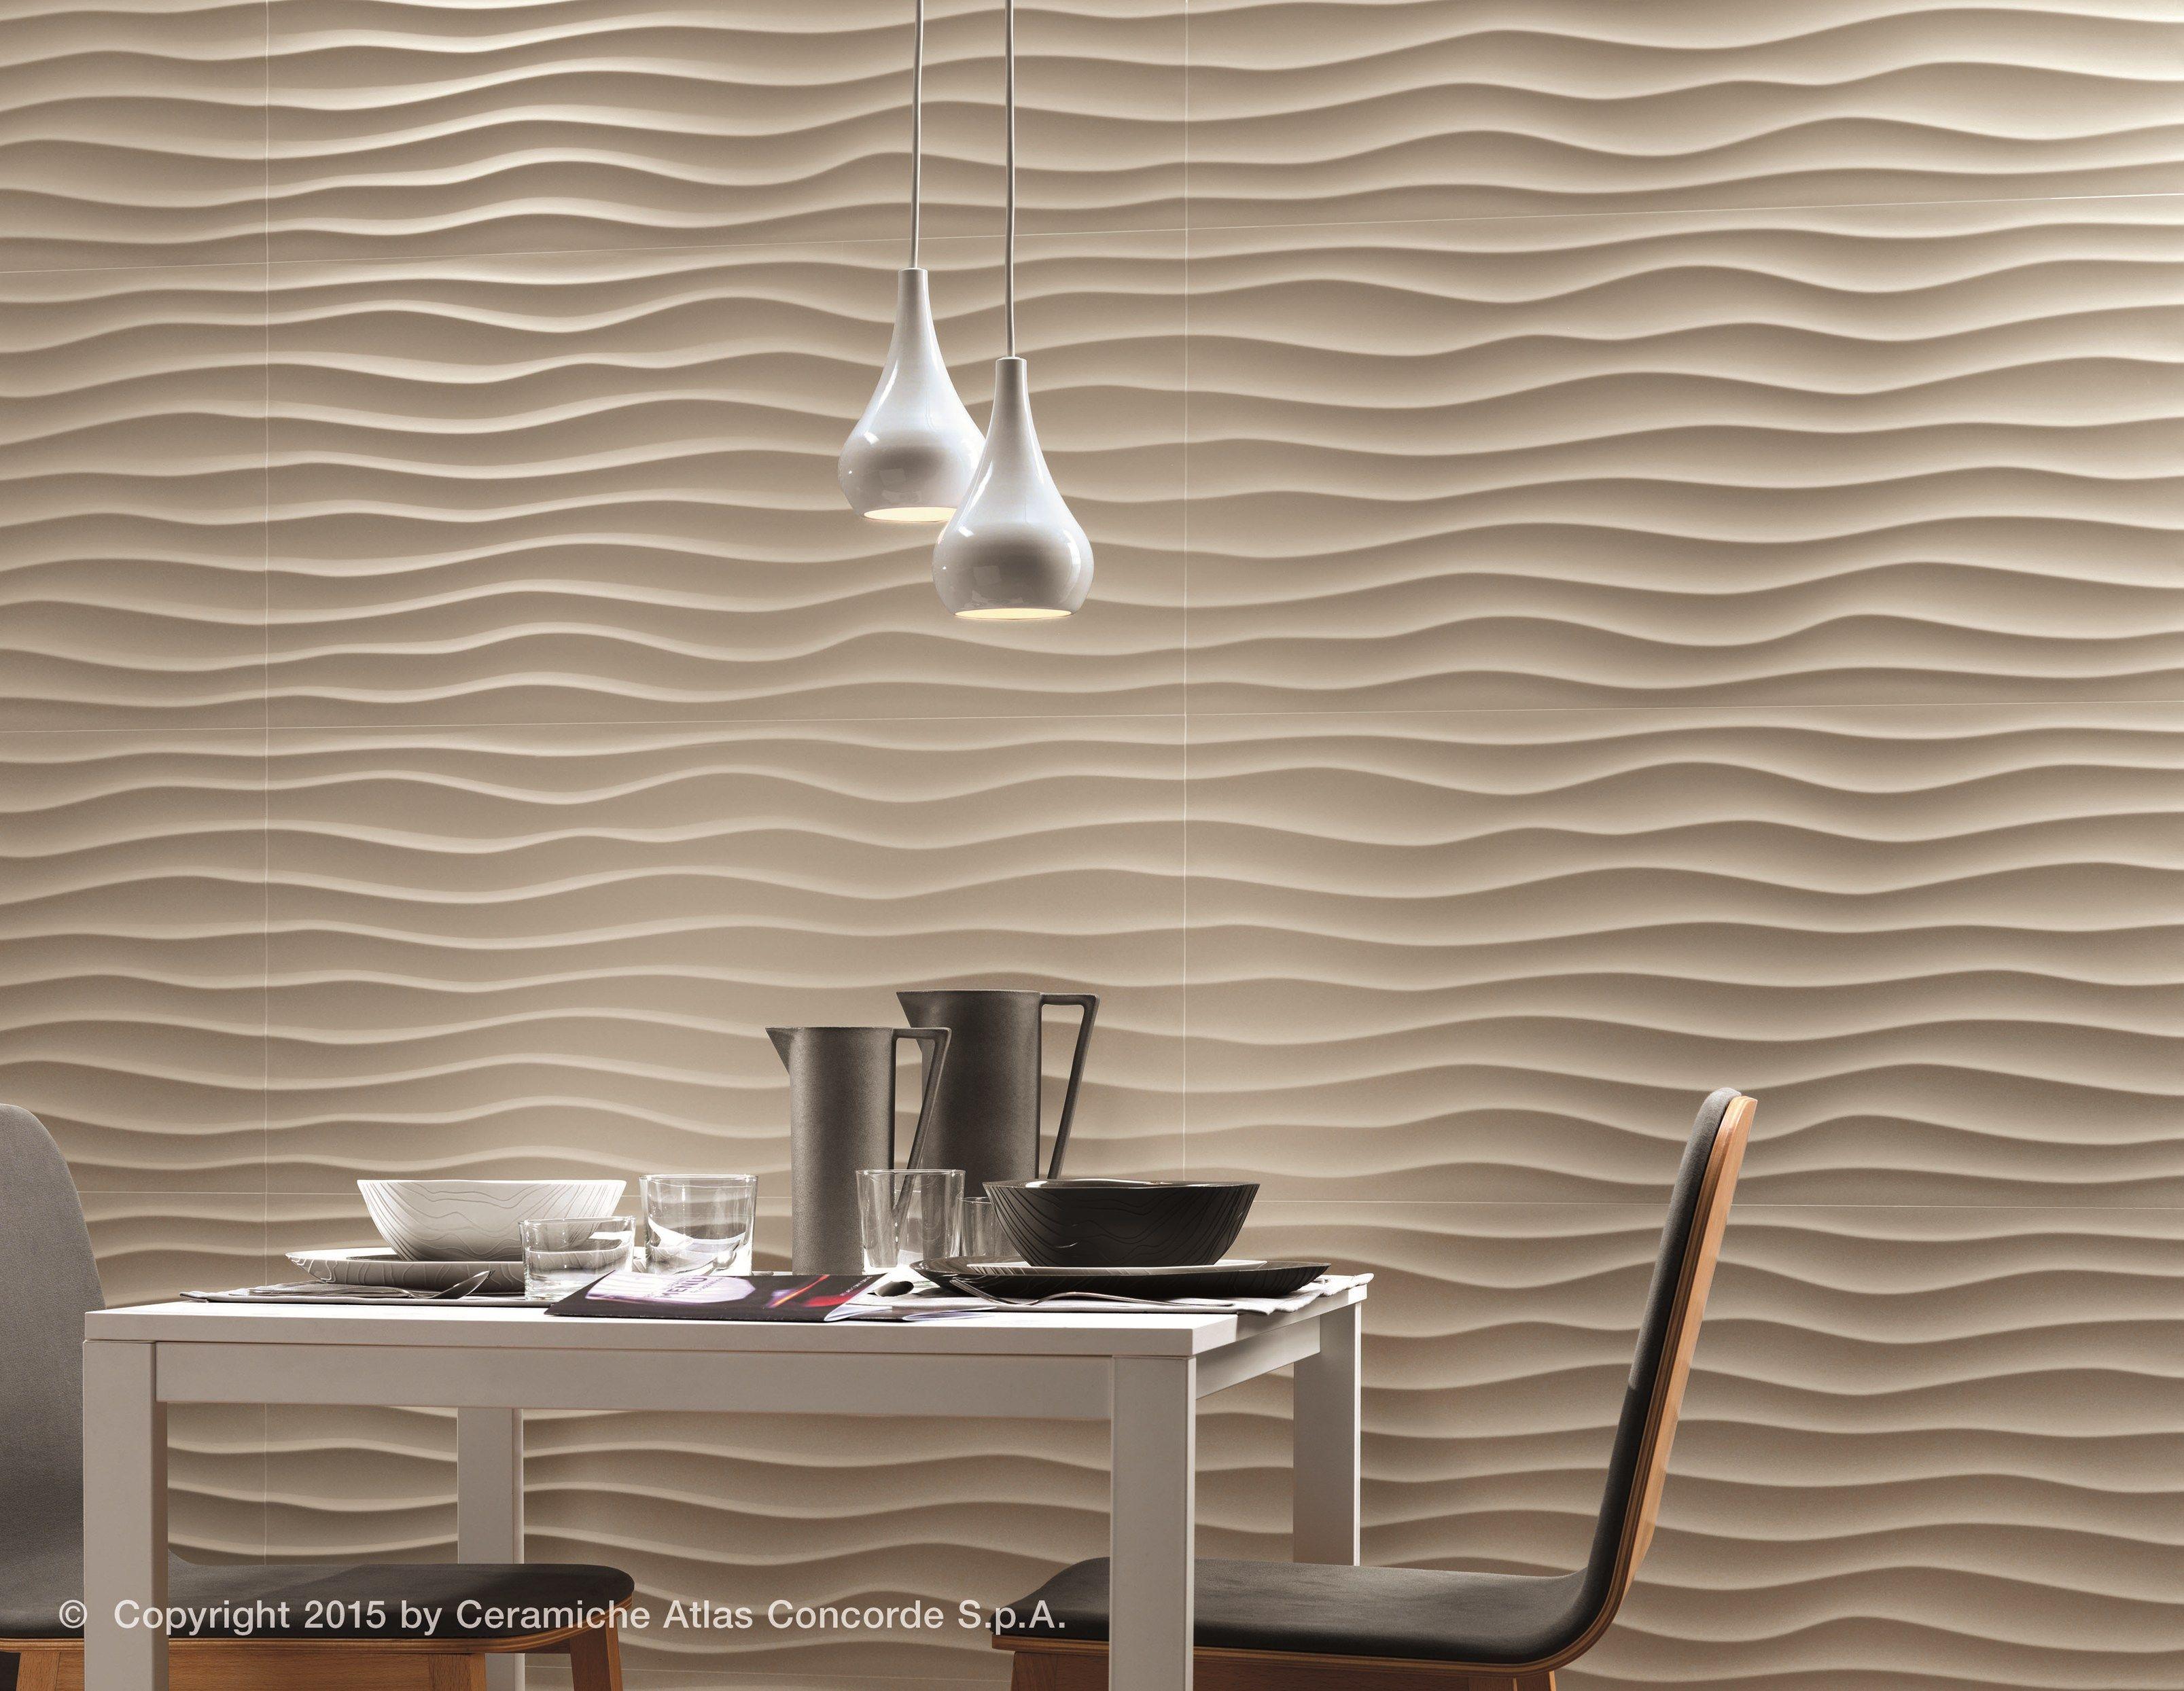 3d Wandverkleidung Aus Weissscherbige Keramik 3d Wall Design Dune By